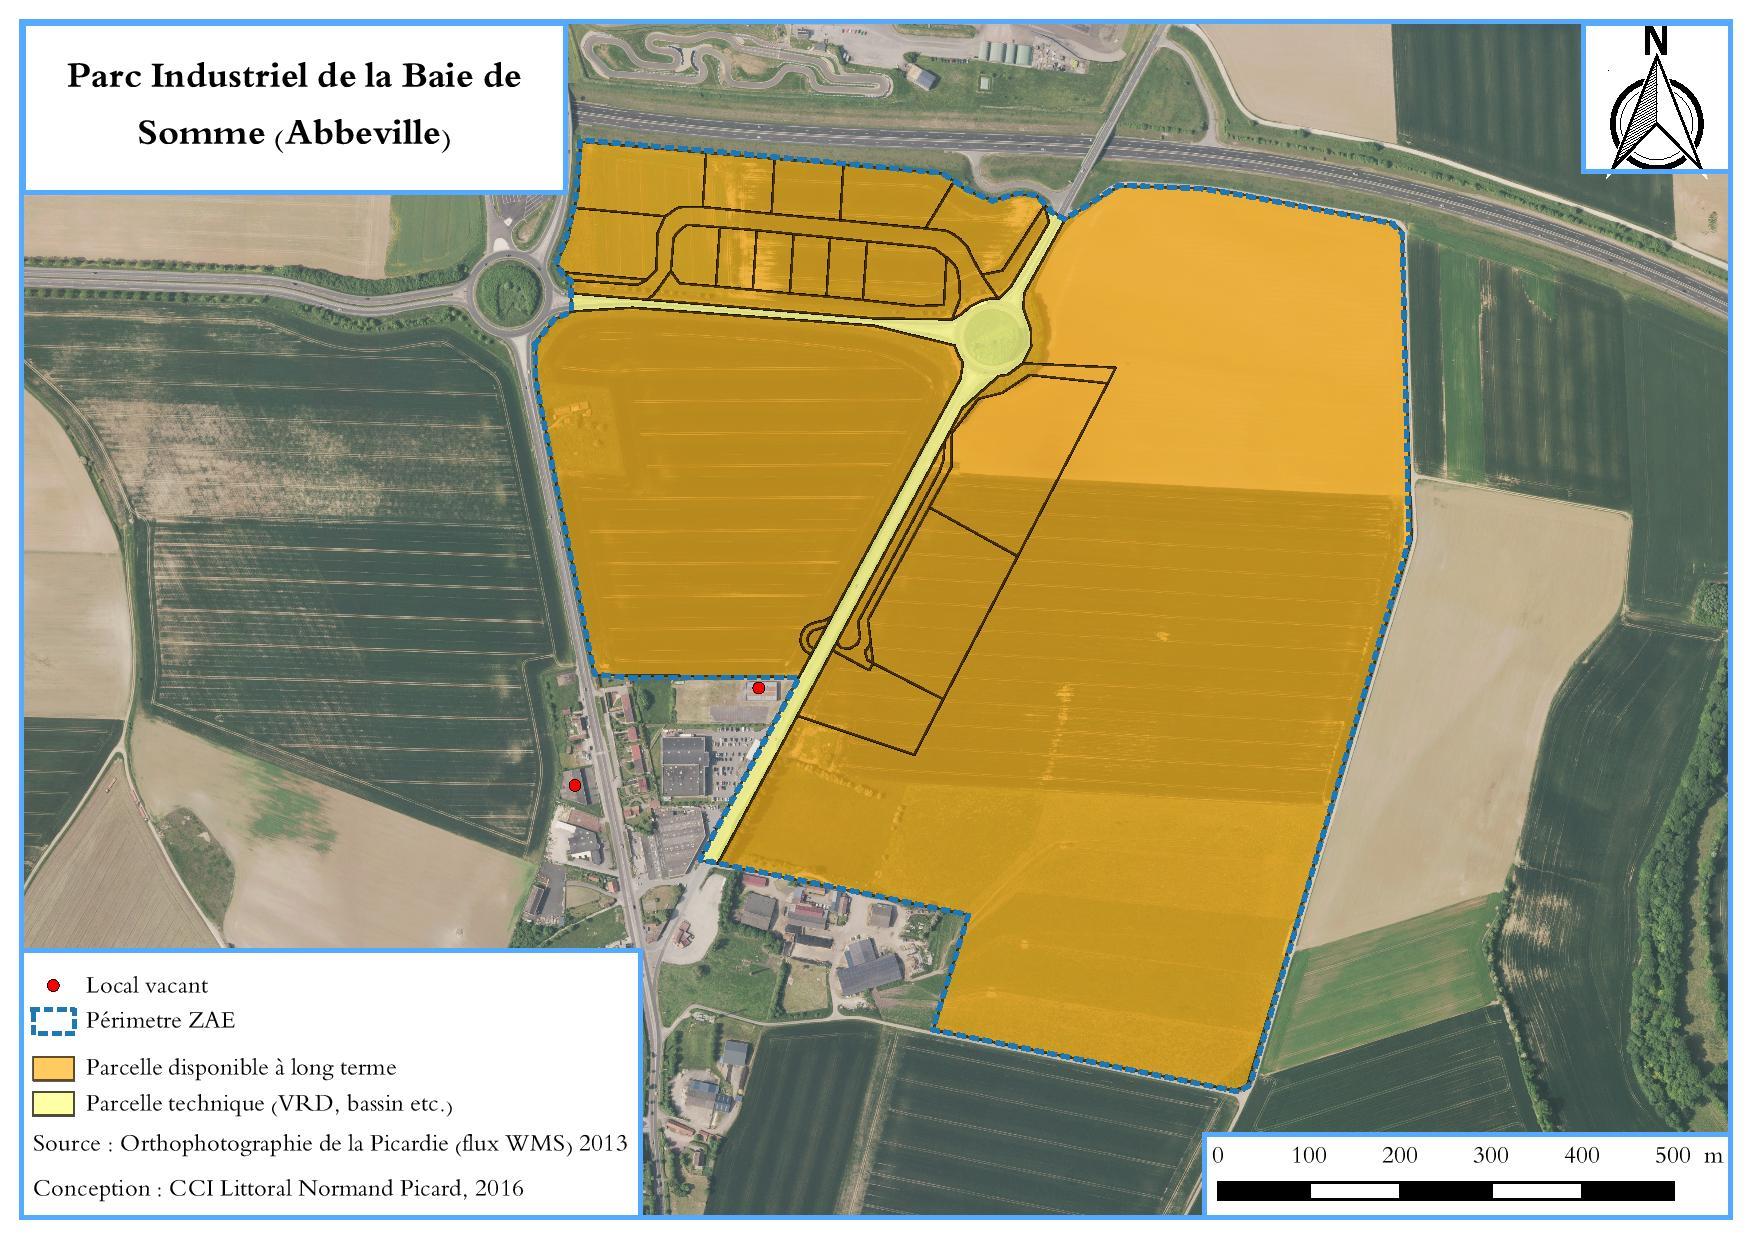 Plan Parc industriel Baie de Somme Abbeville